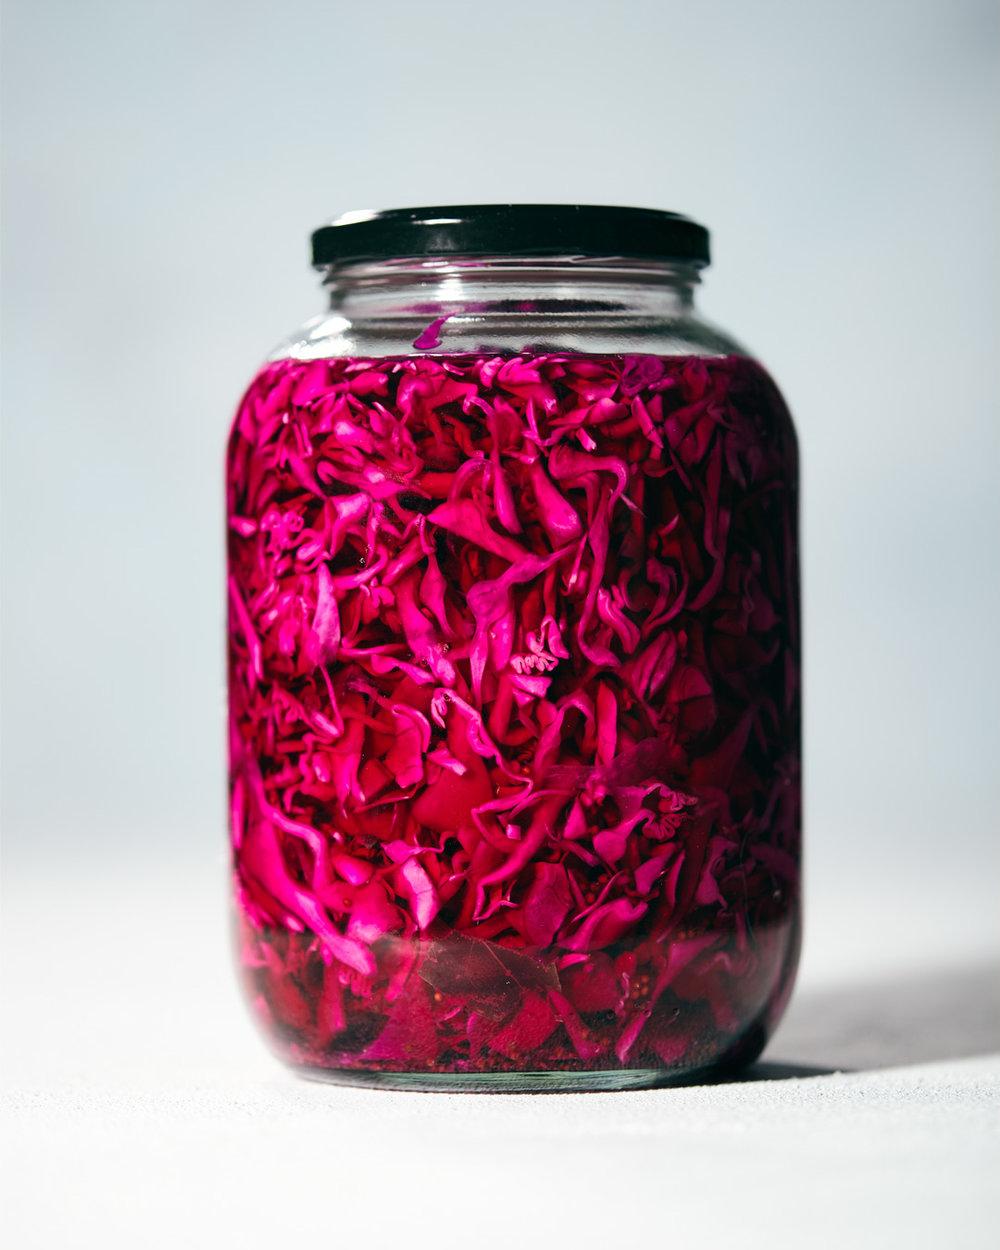 Pickled-Red-Cabbage-Evergreen-Kitchen-1.jpg